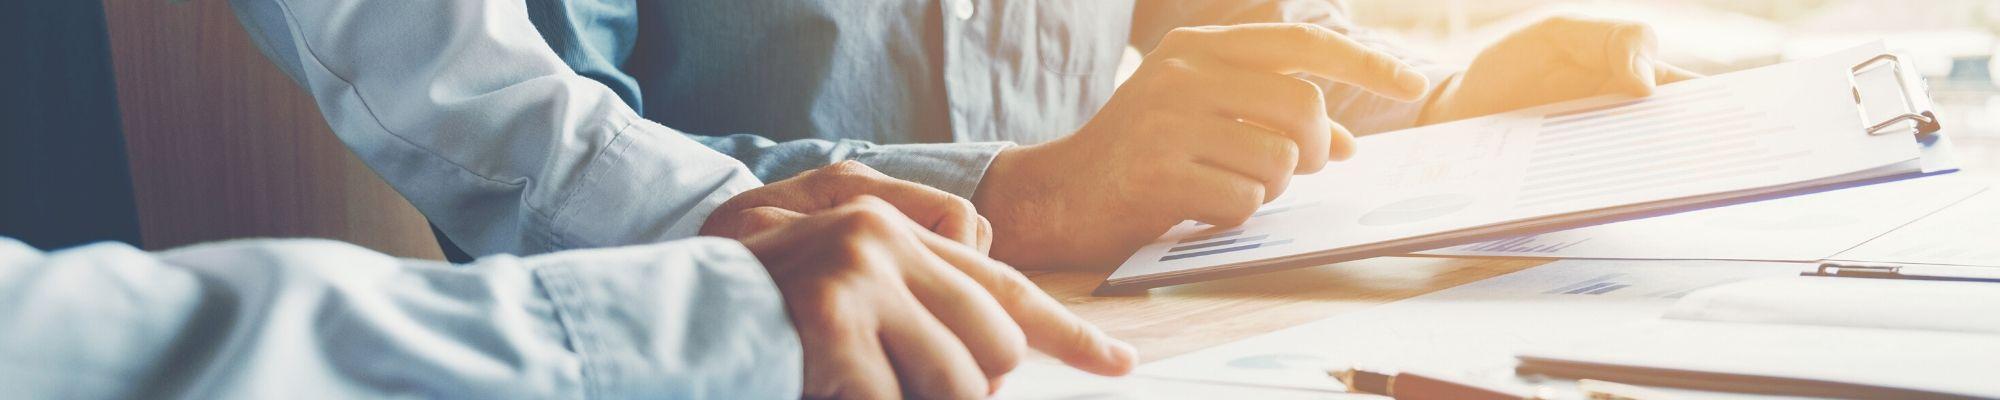 Agile Business Analysis Agile BA